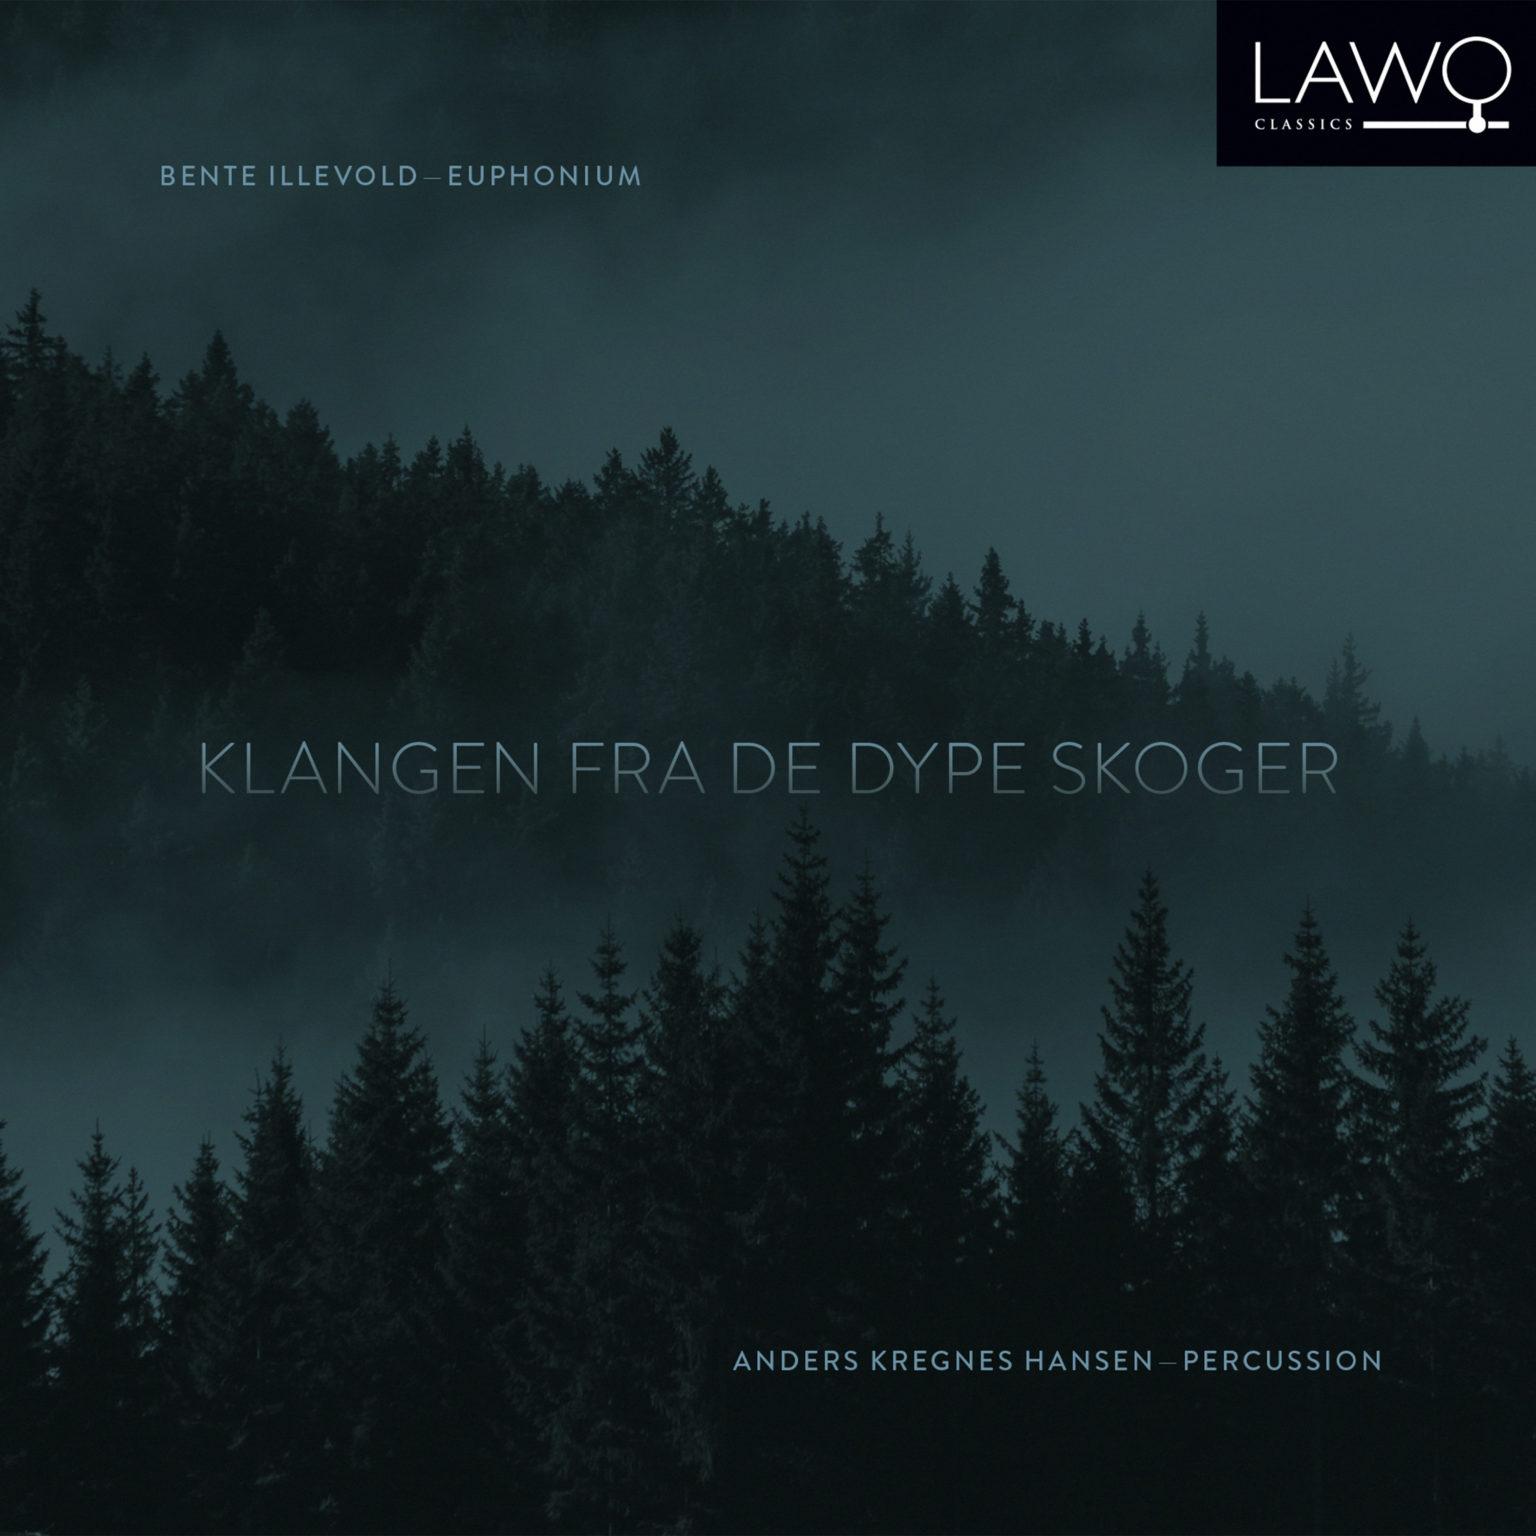 Click image for larger version.  Name:LWC1195_Bente_Illevold_Klangen_fra_de_dype_skoger_cover_3000x3000px-1536x1536.jpg Views:1863 Size:174.8 KB ID:7720